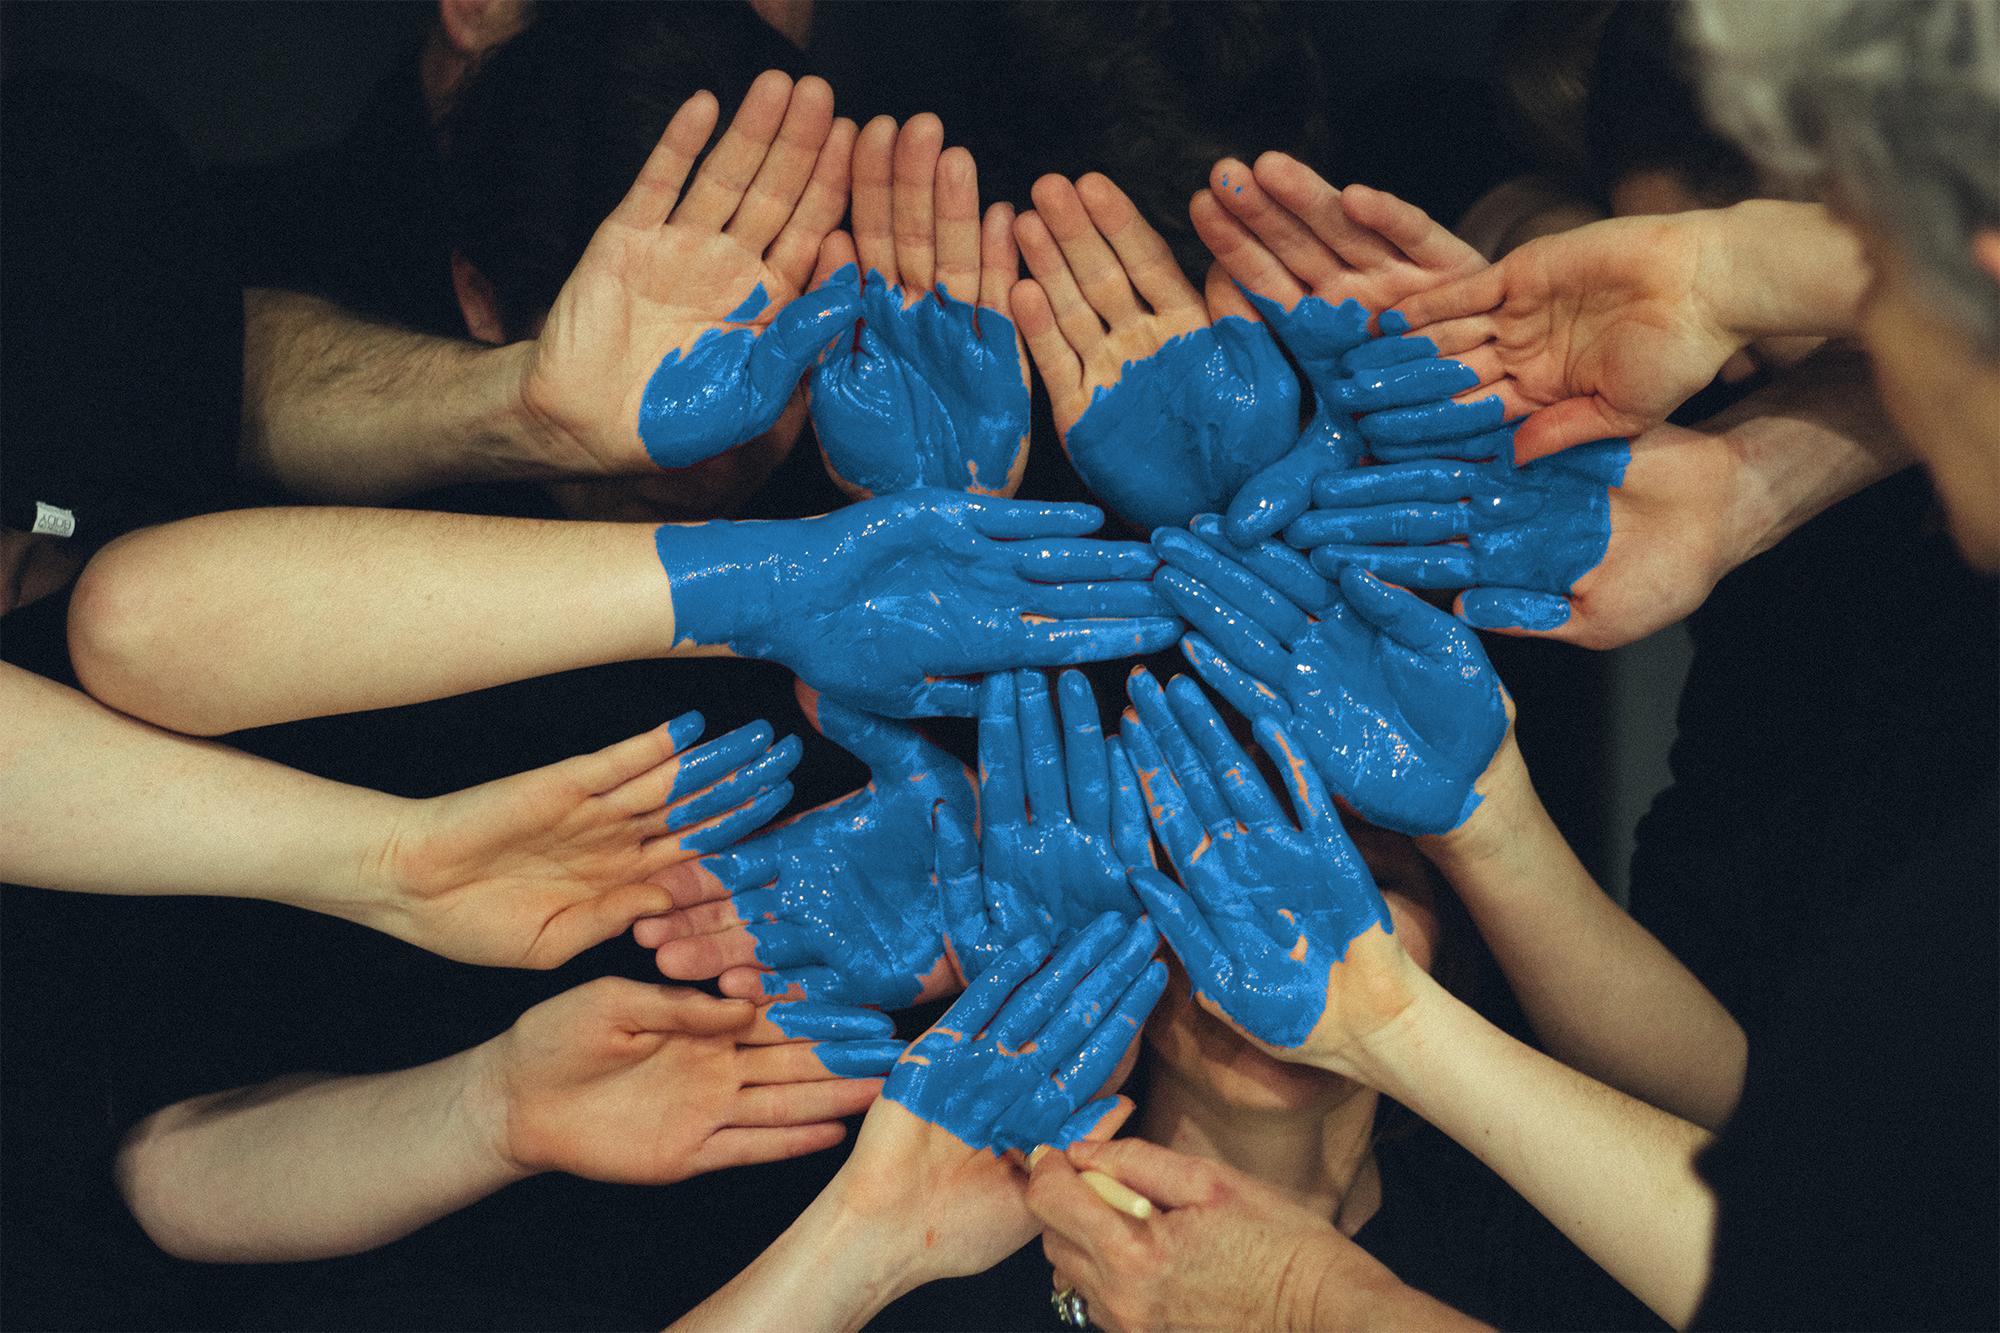 Blue-Hands_Together_tim-marshall-114623-unsplash.jpg